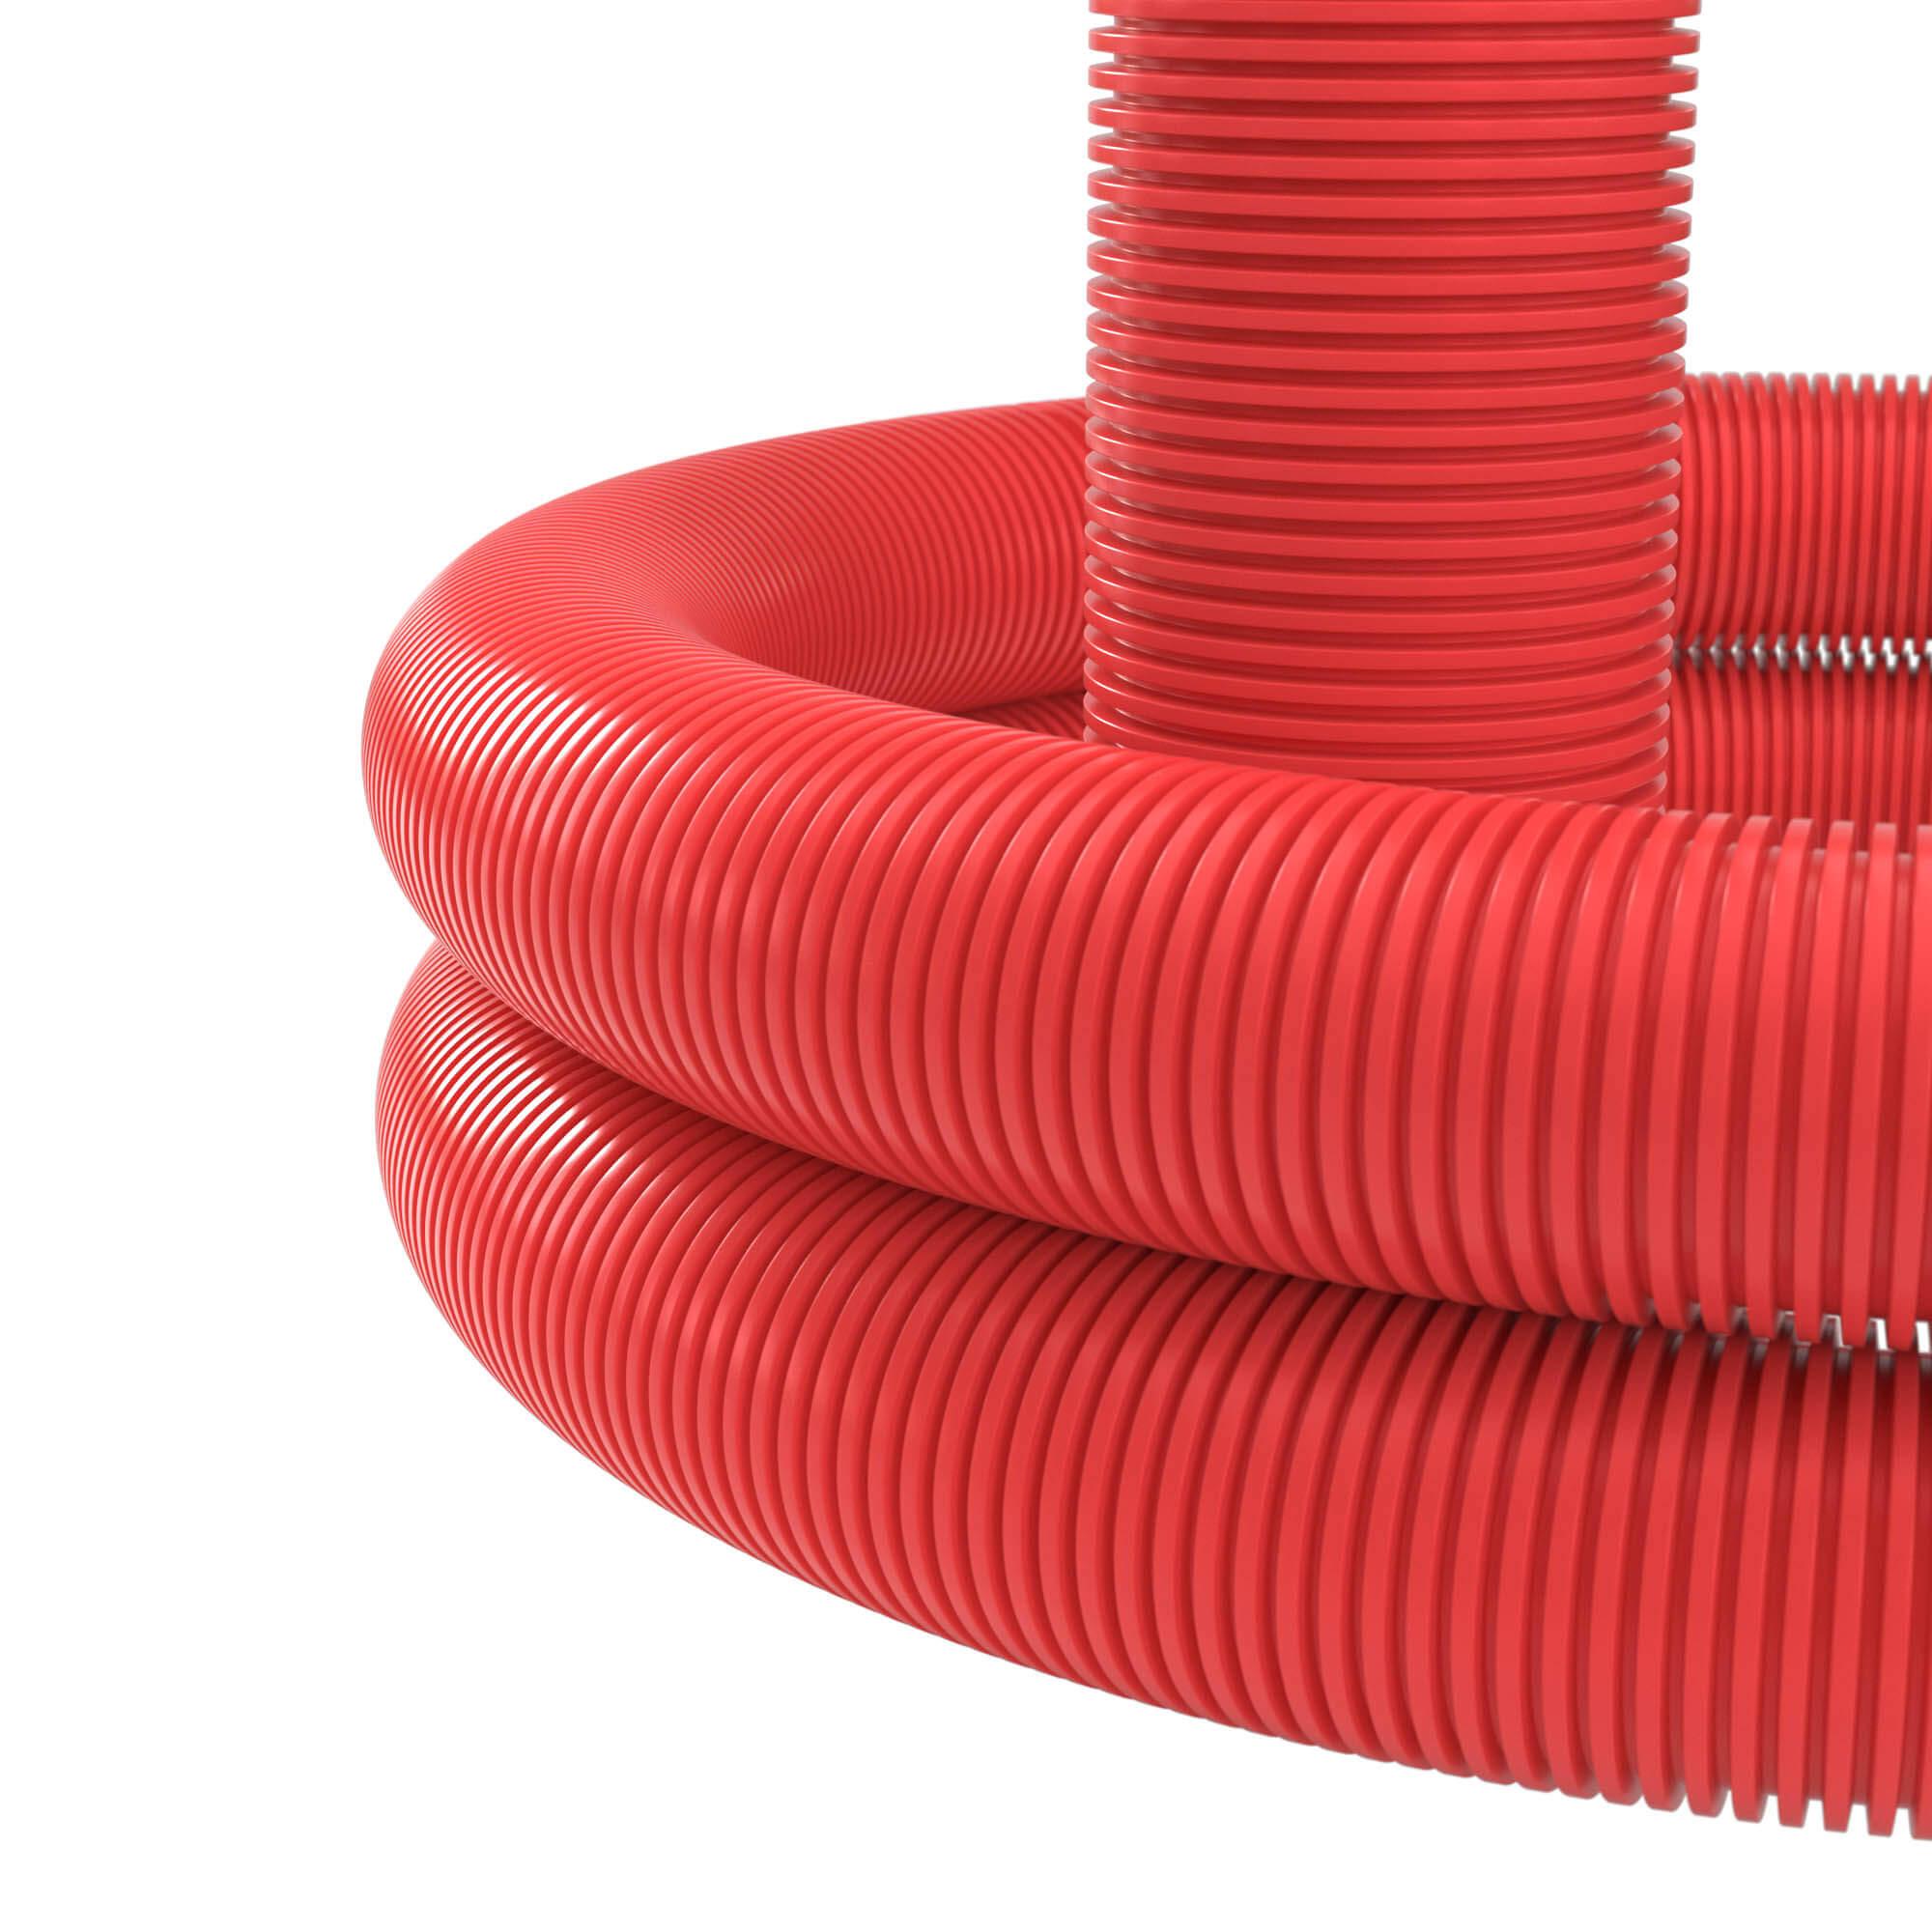 Двустенная труба ПНД гибкая для кабельной канализации d 125мм с протяжкой SN8 450Н красный